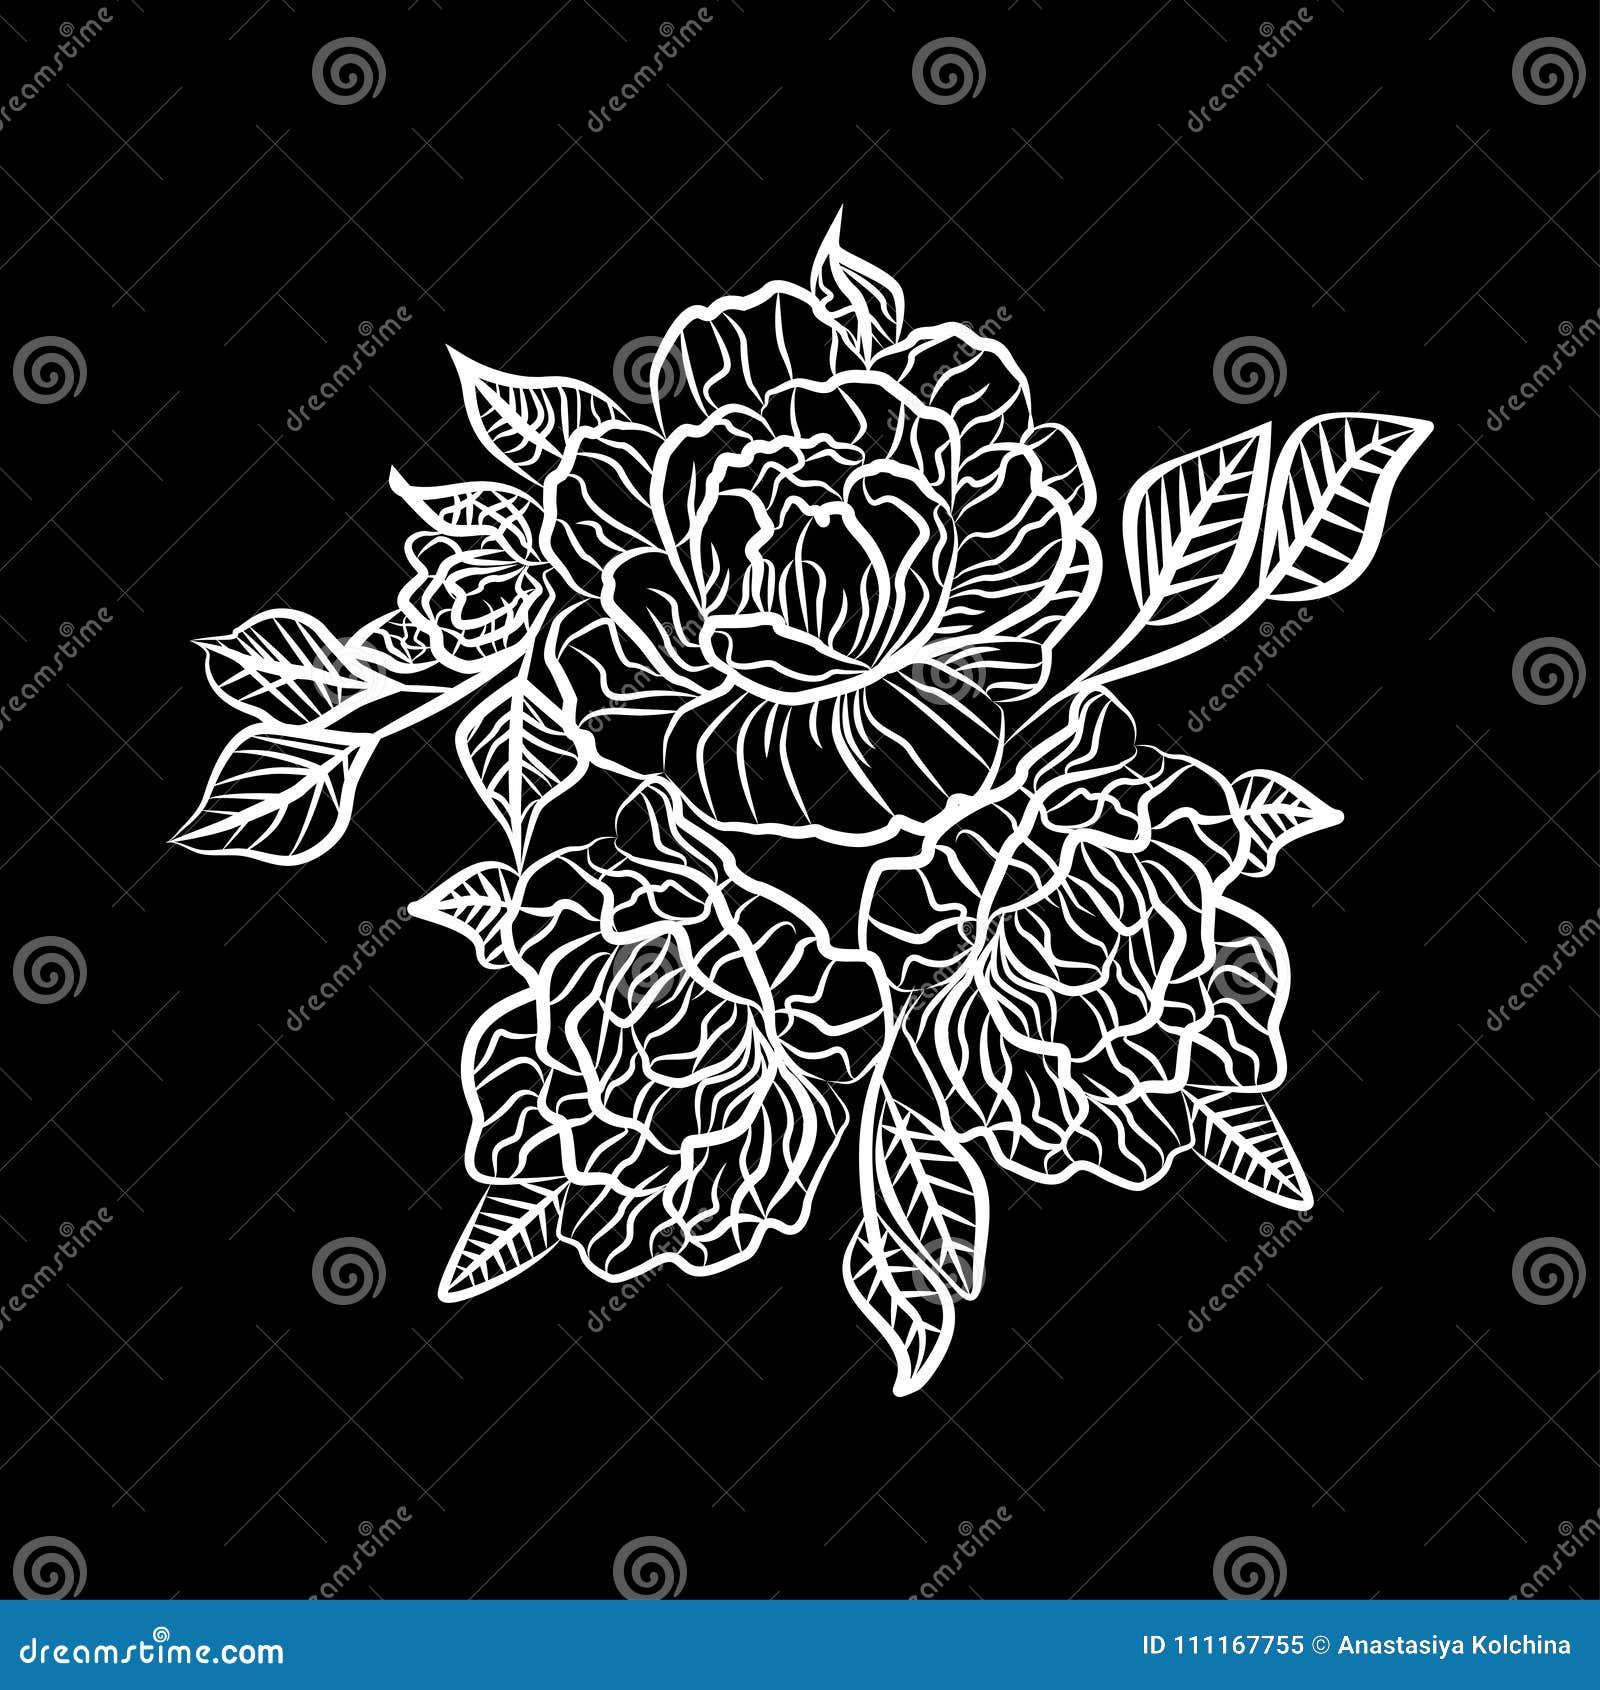 Dessin Noir Et Blanc D Un Tatouage De Rose Silhouette De Branche